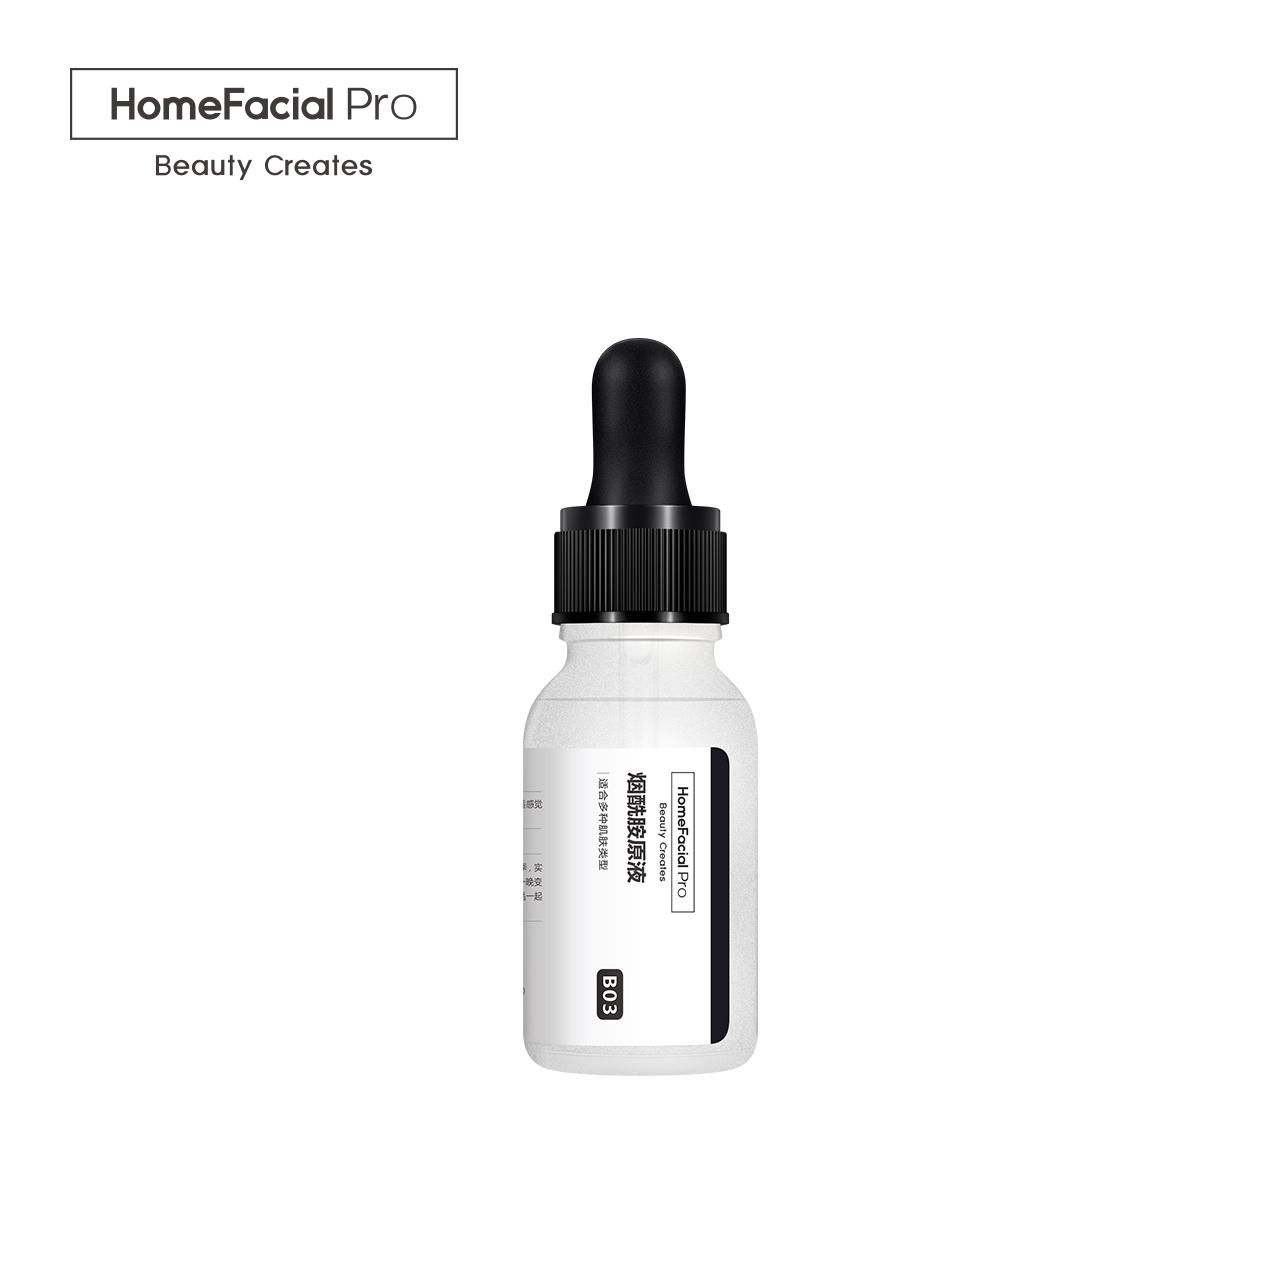 HomeFacialPro дым ацил амин допинг пополнение увлажняющий изменение хорошо темно немой проясняться цвет лица поверхность модель сущность